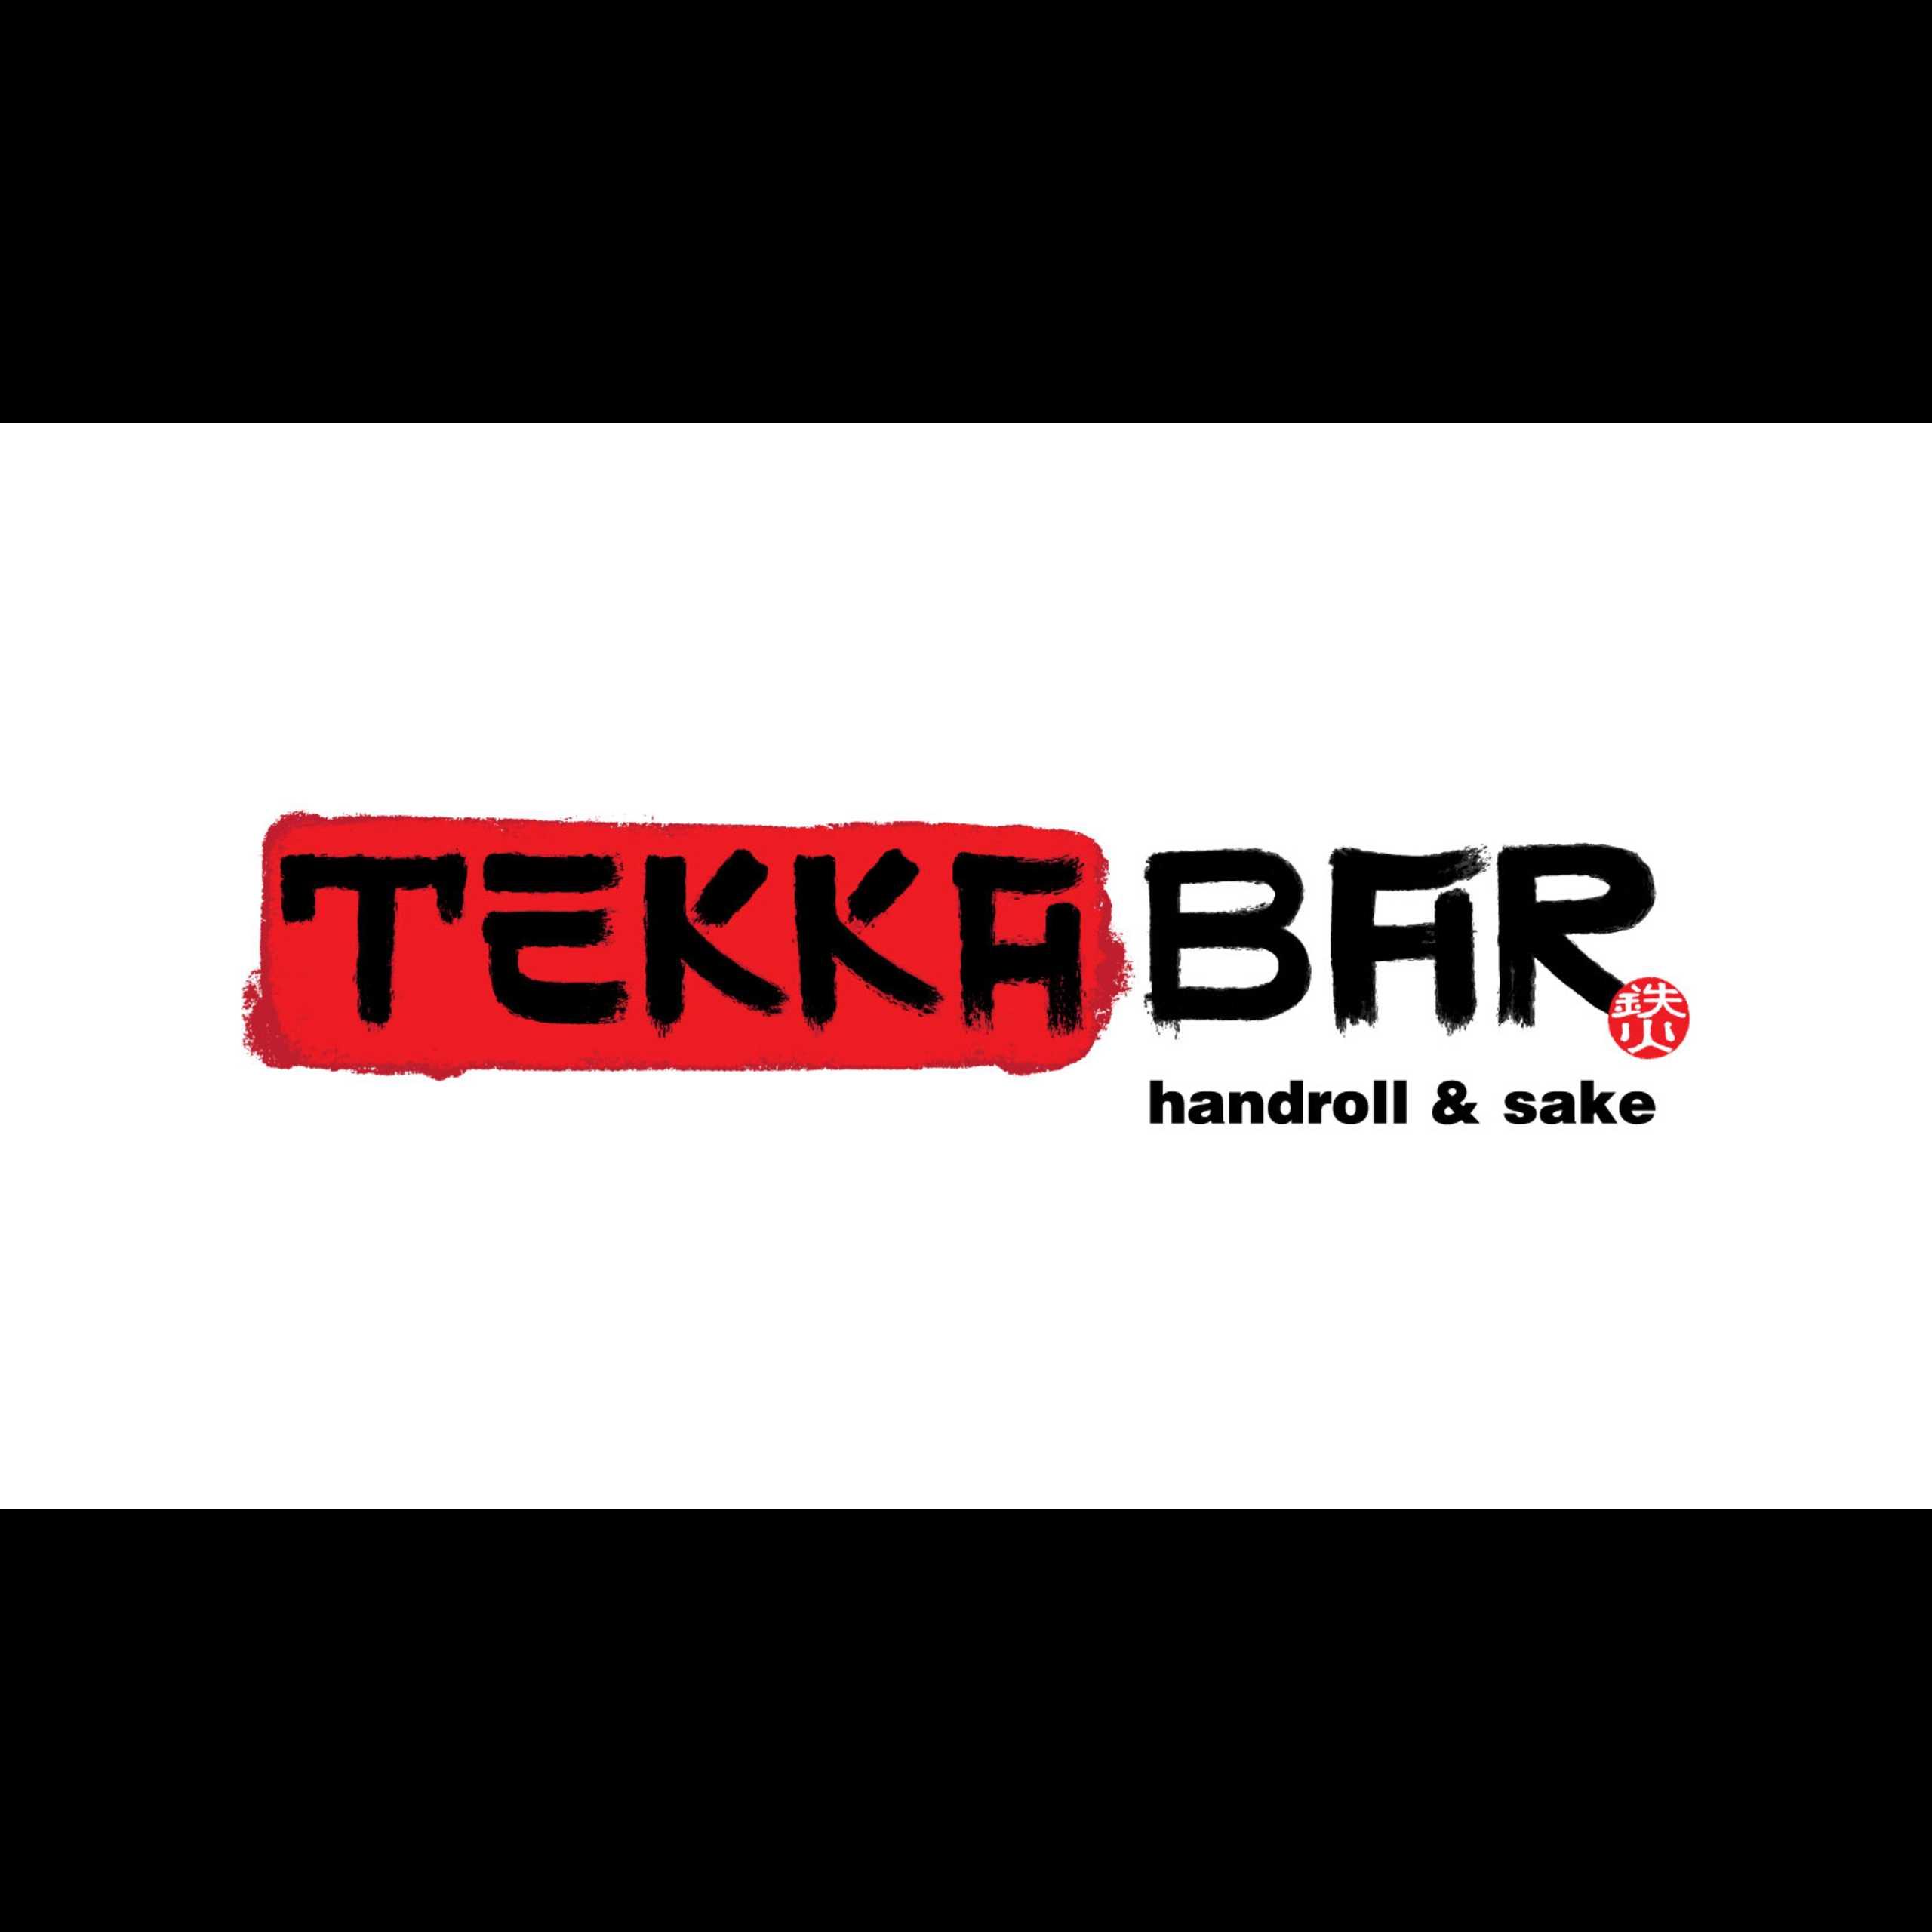 Tekka Bar: Handroll & Sake